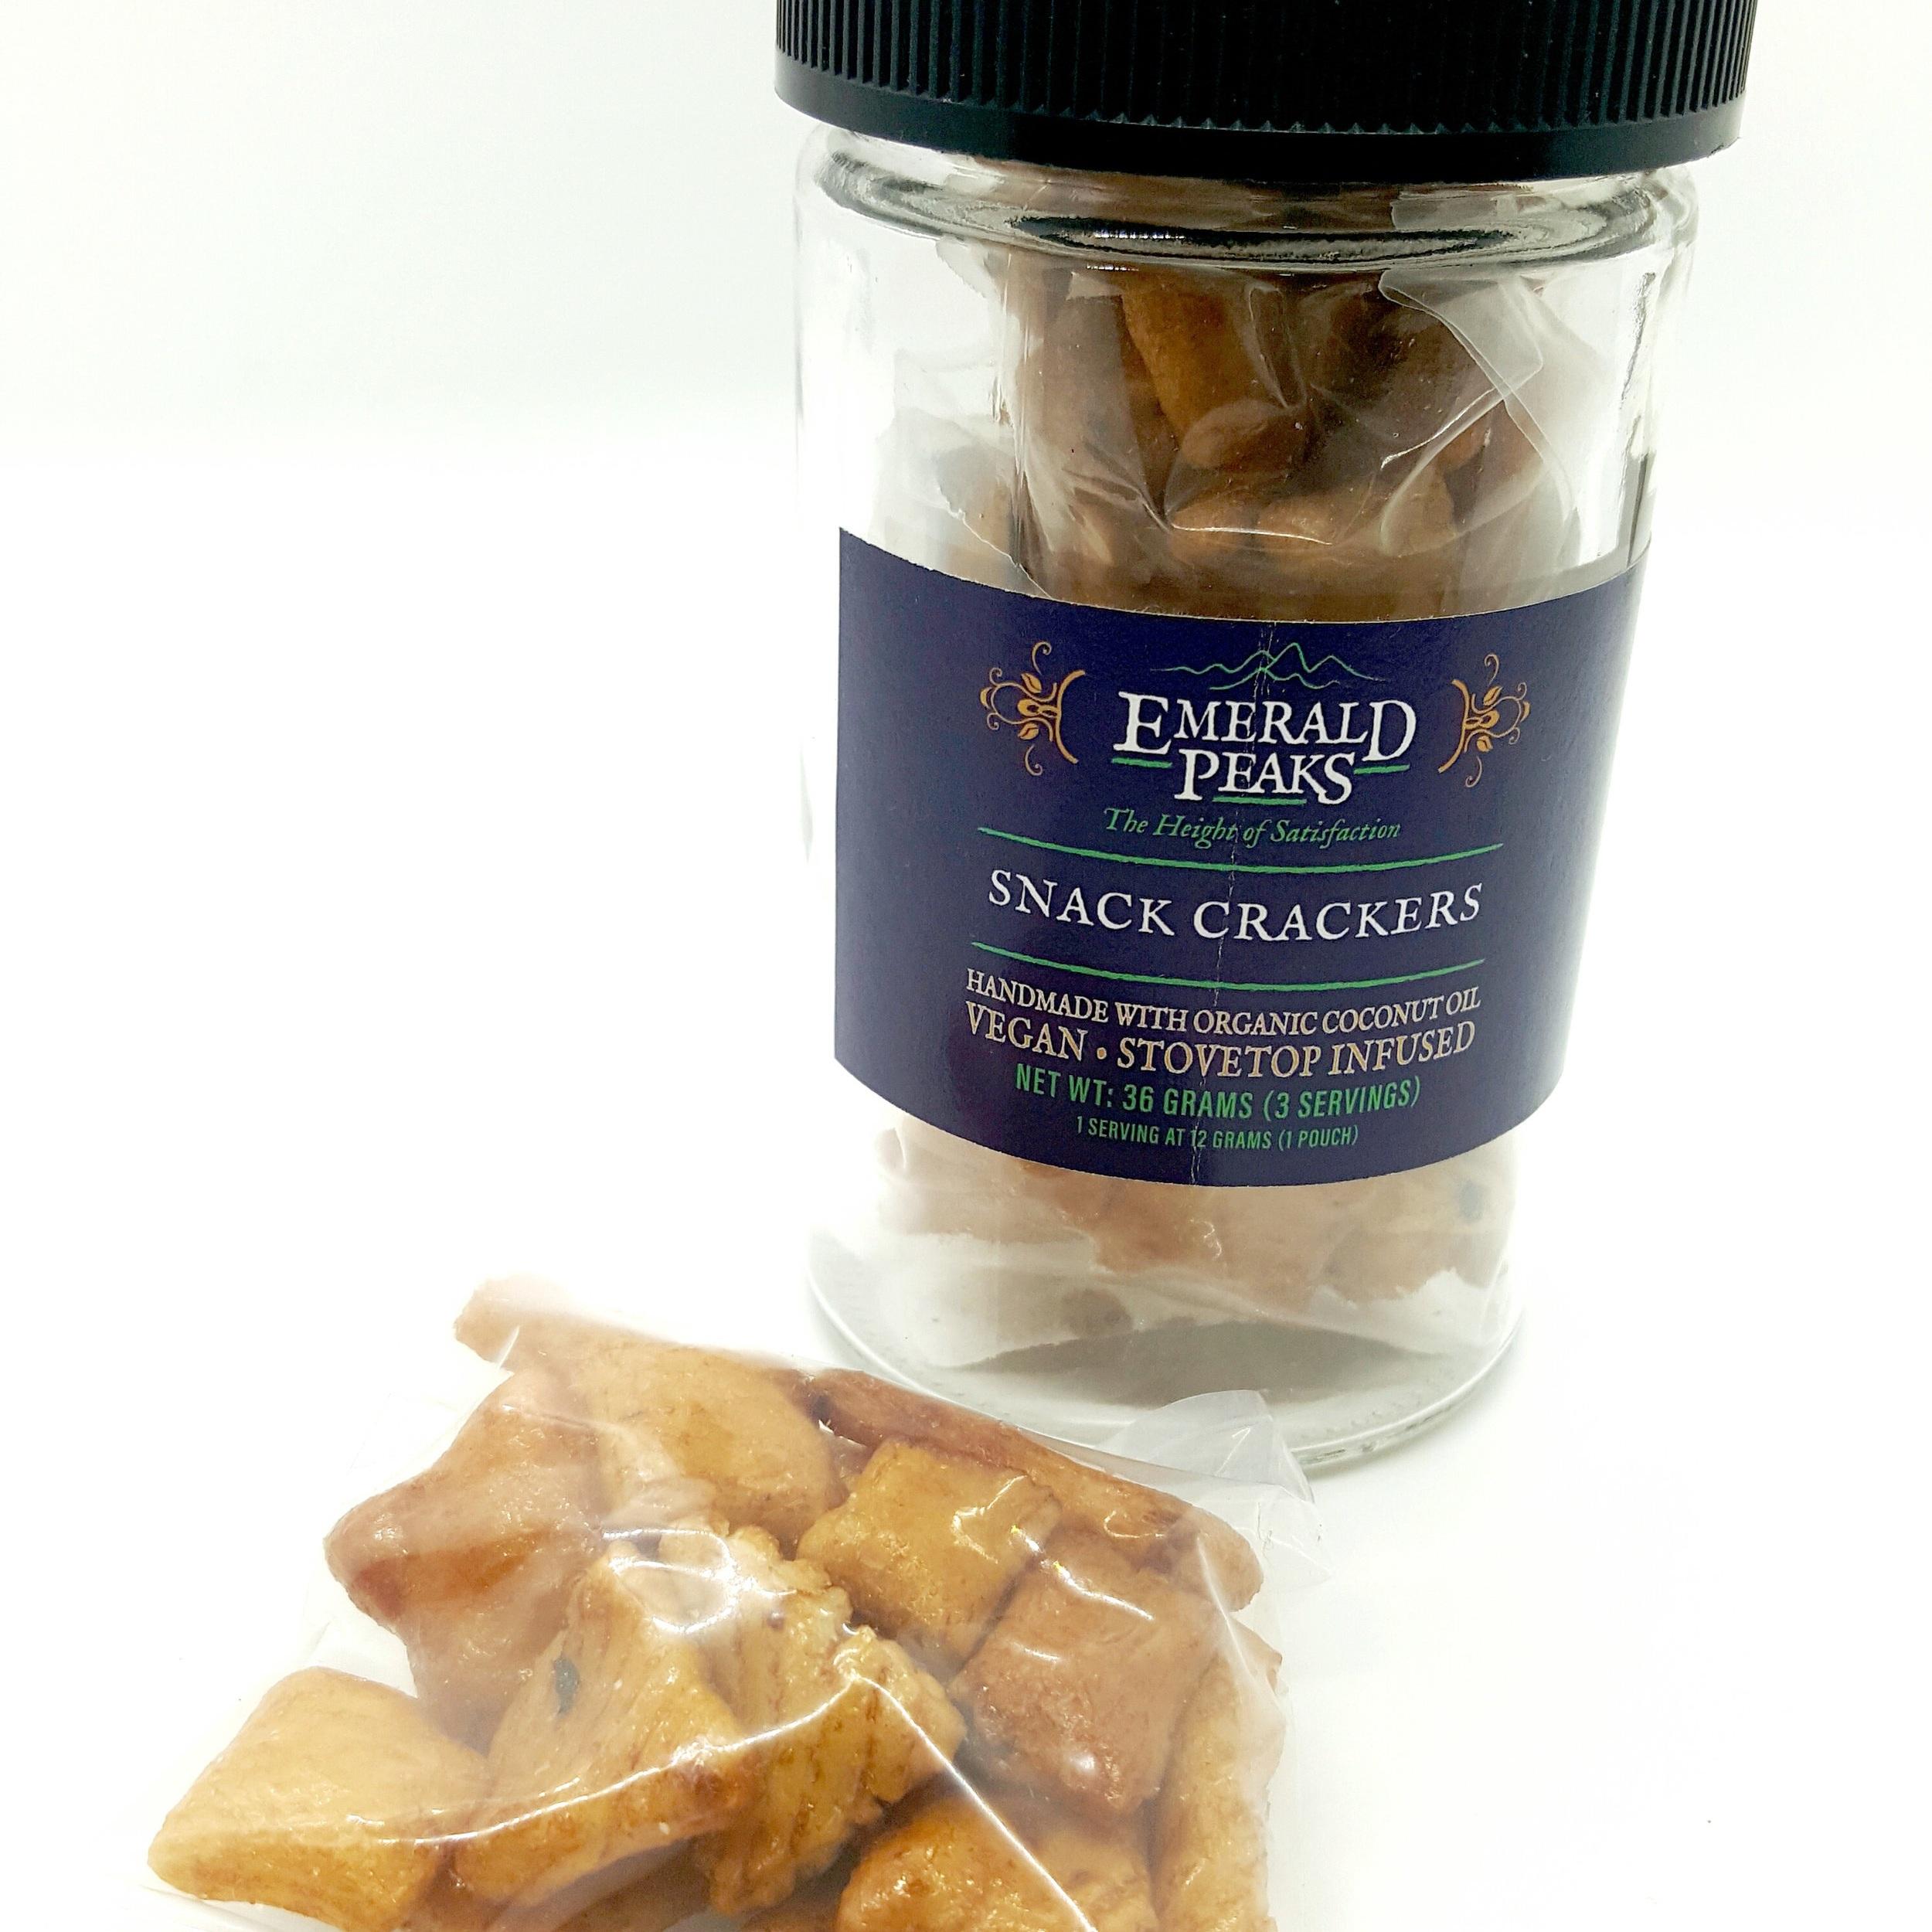 Emerald+Peaks+snack+crackers.jpg